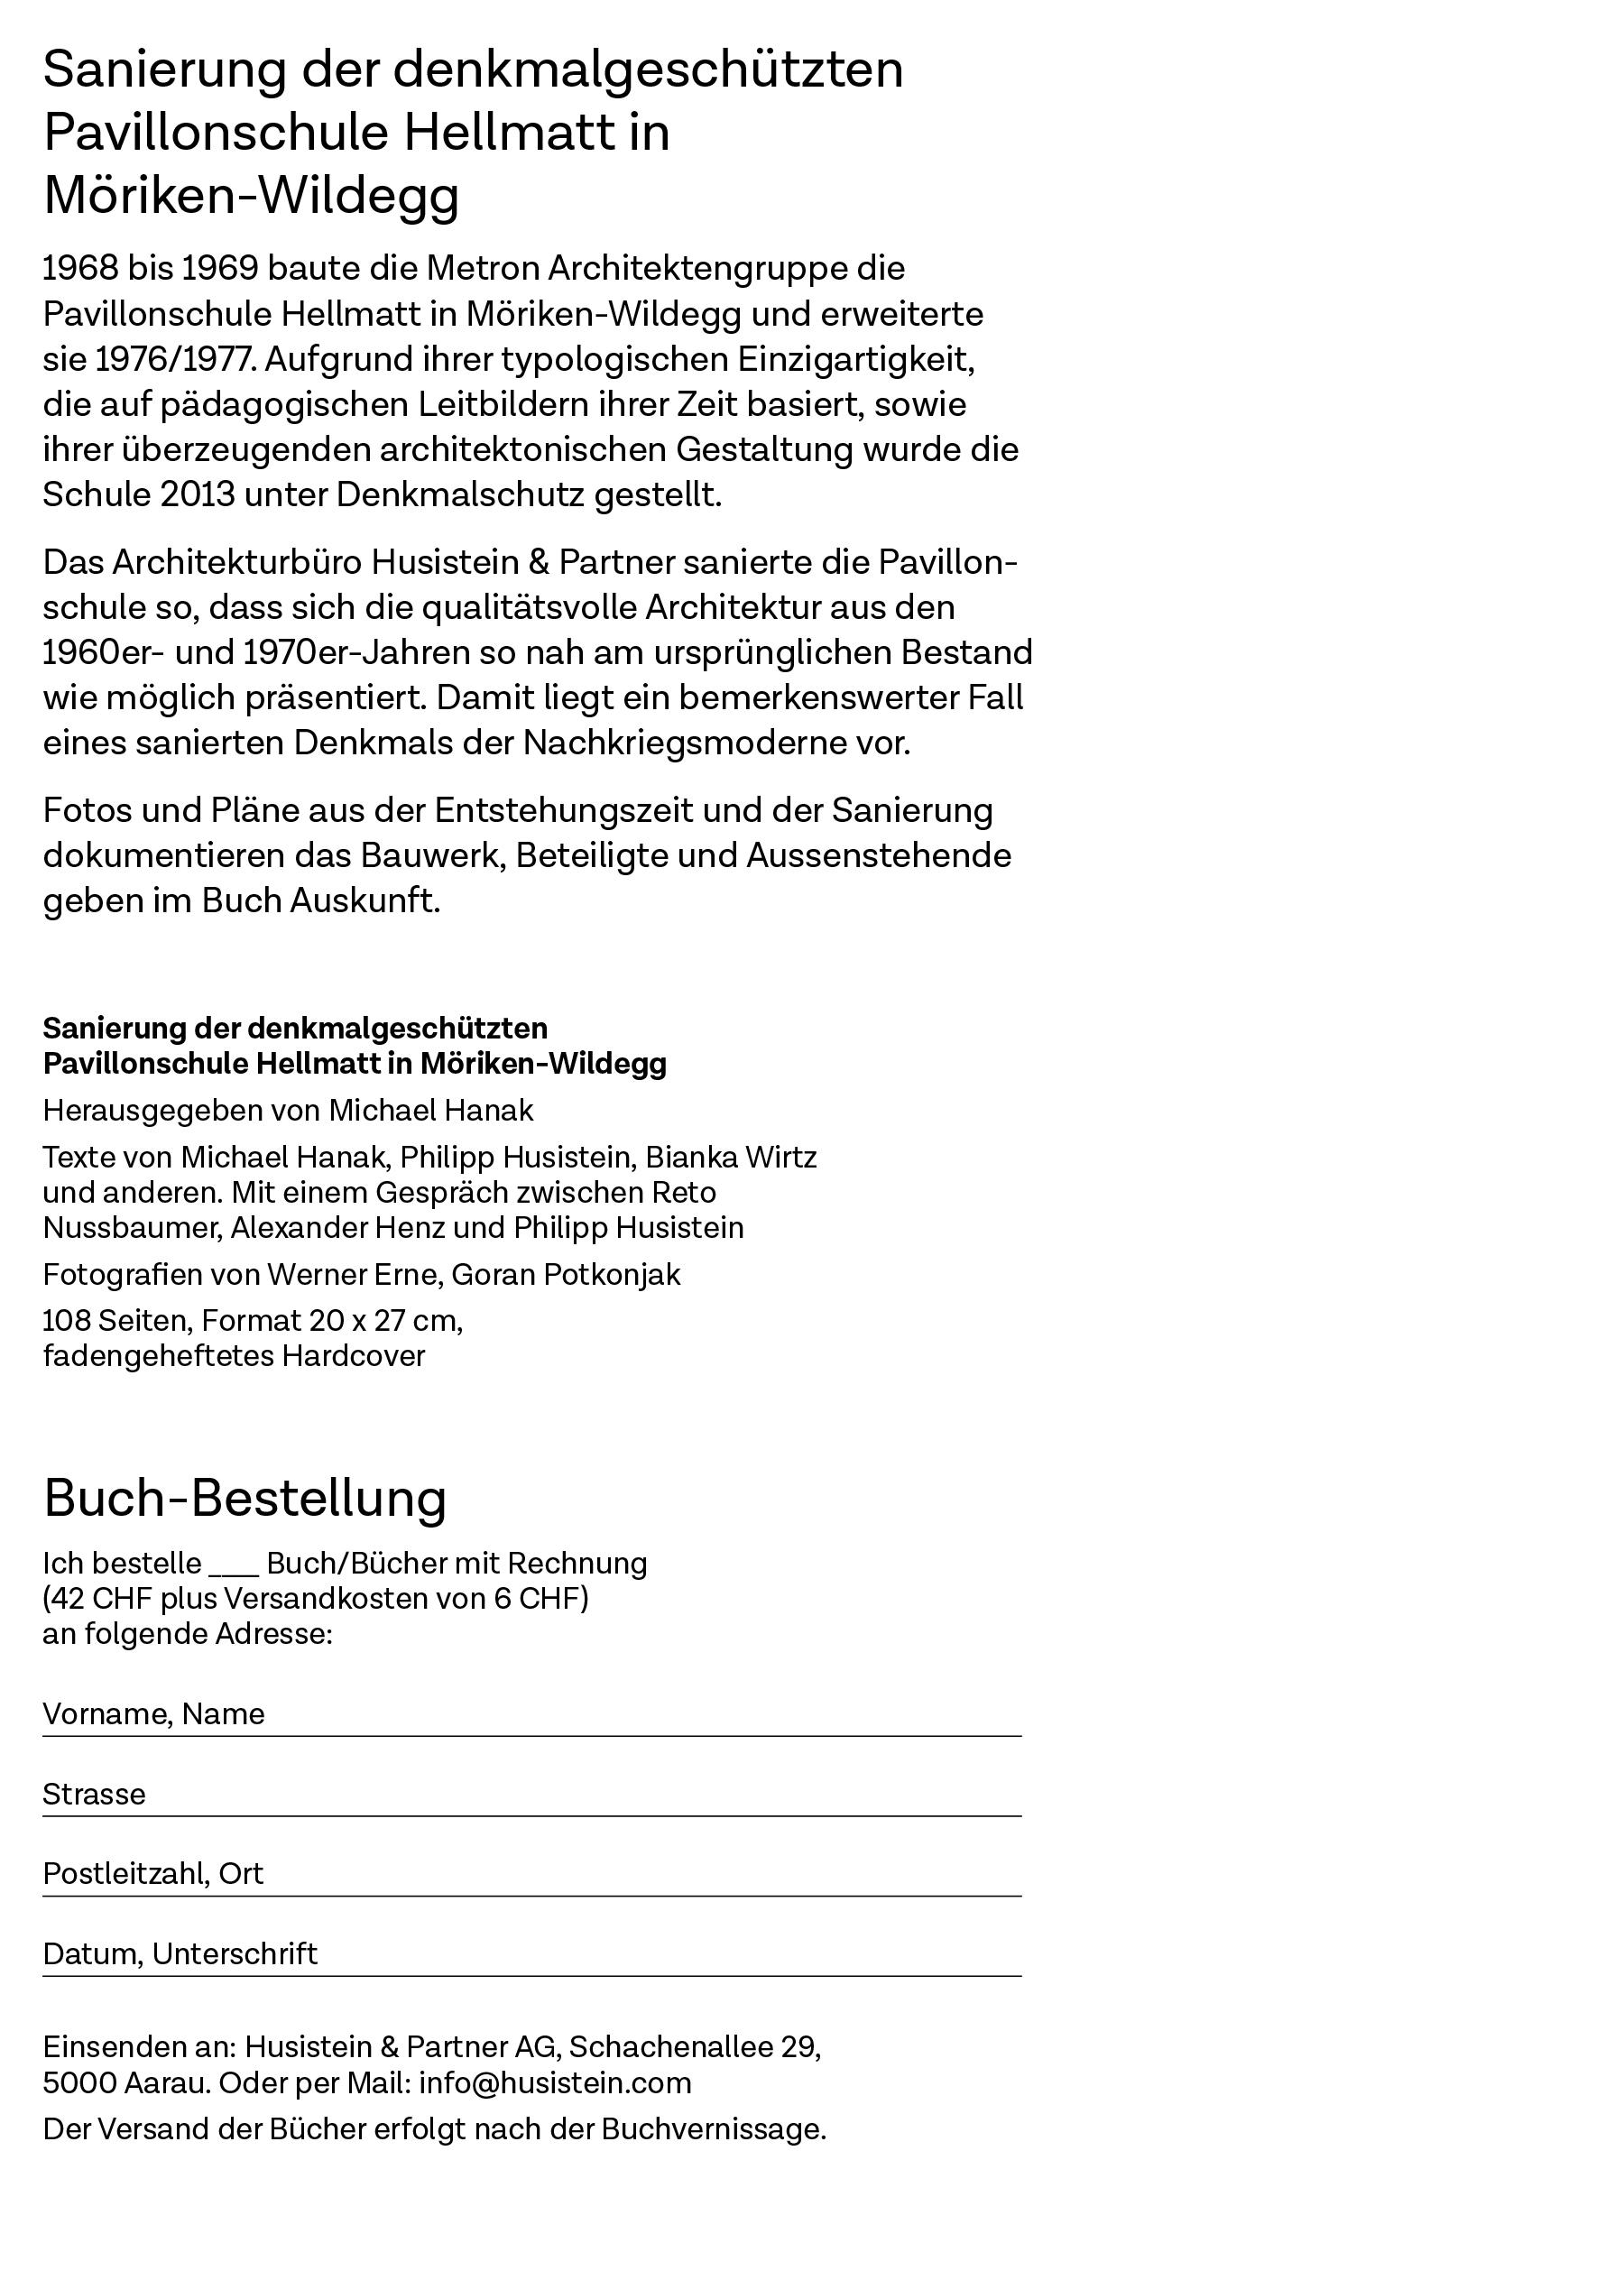 Buchbestellung - Husistein & Partner AG